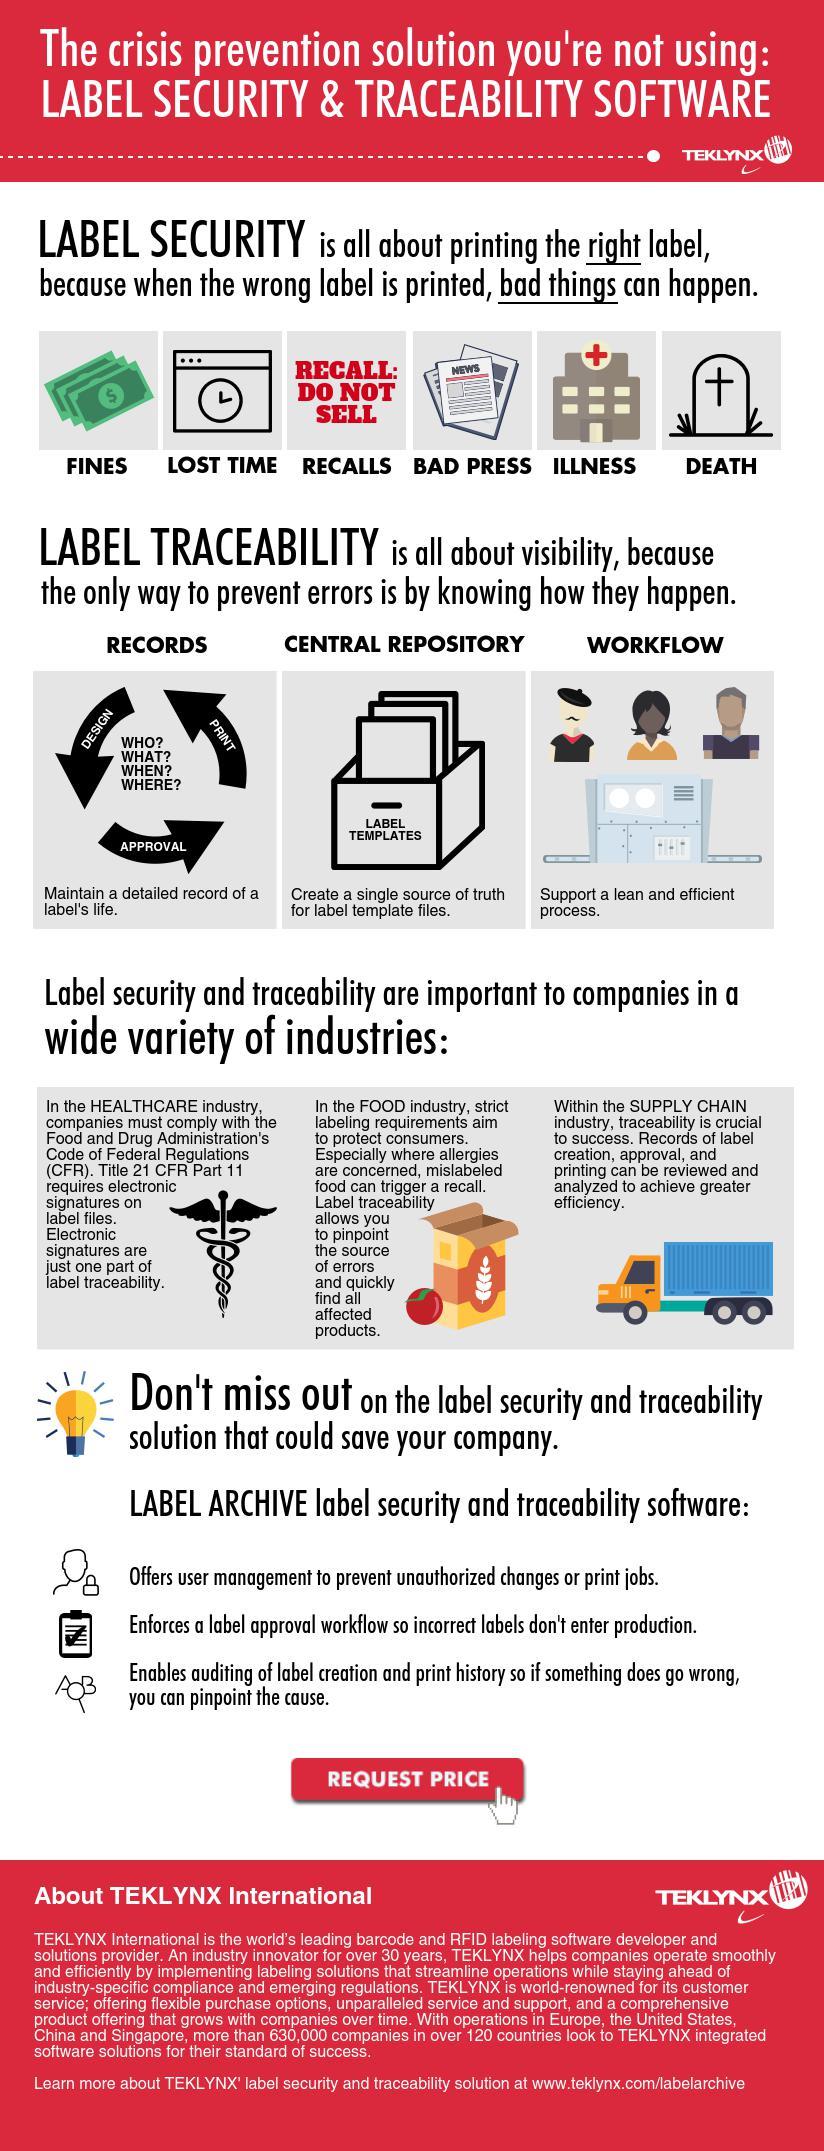 인포그래픽: 라벨 보안 및 추적